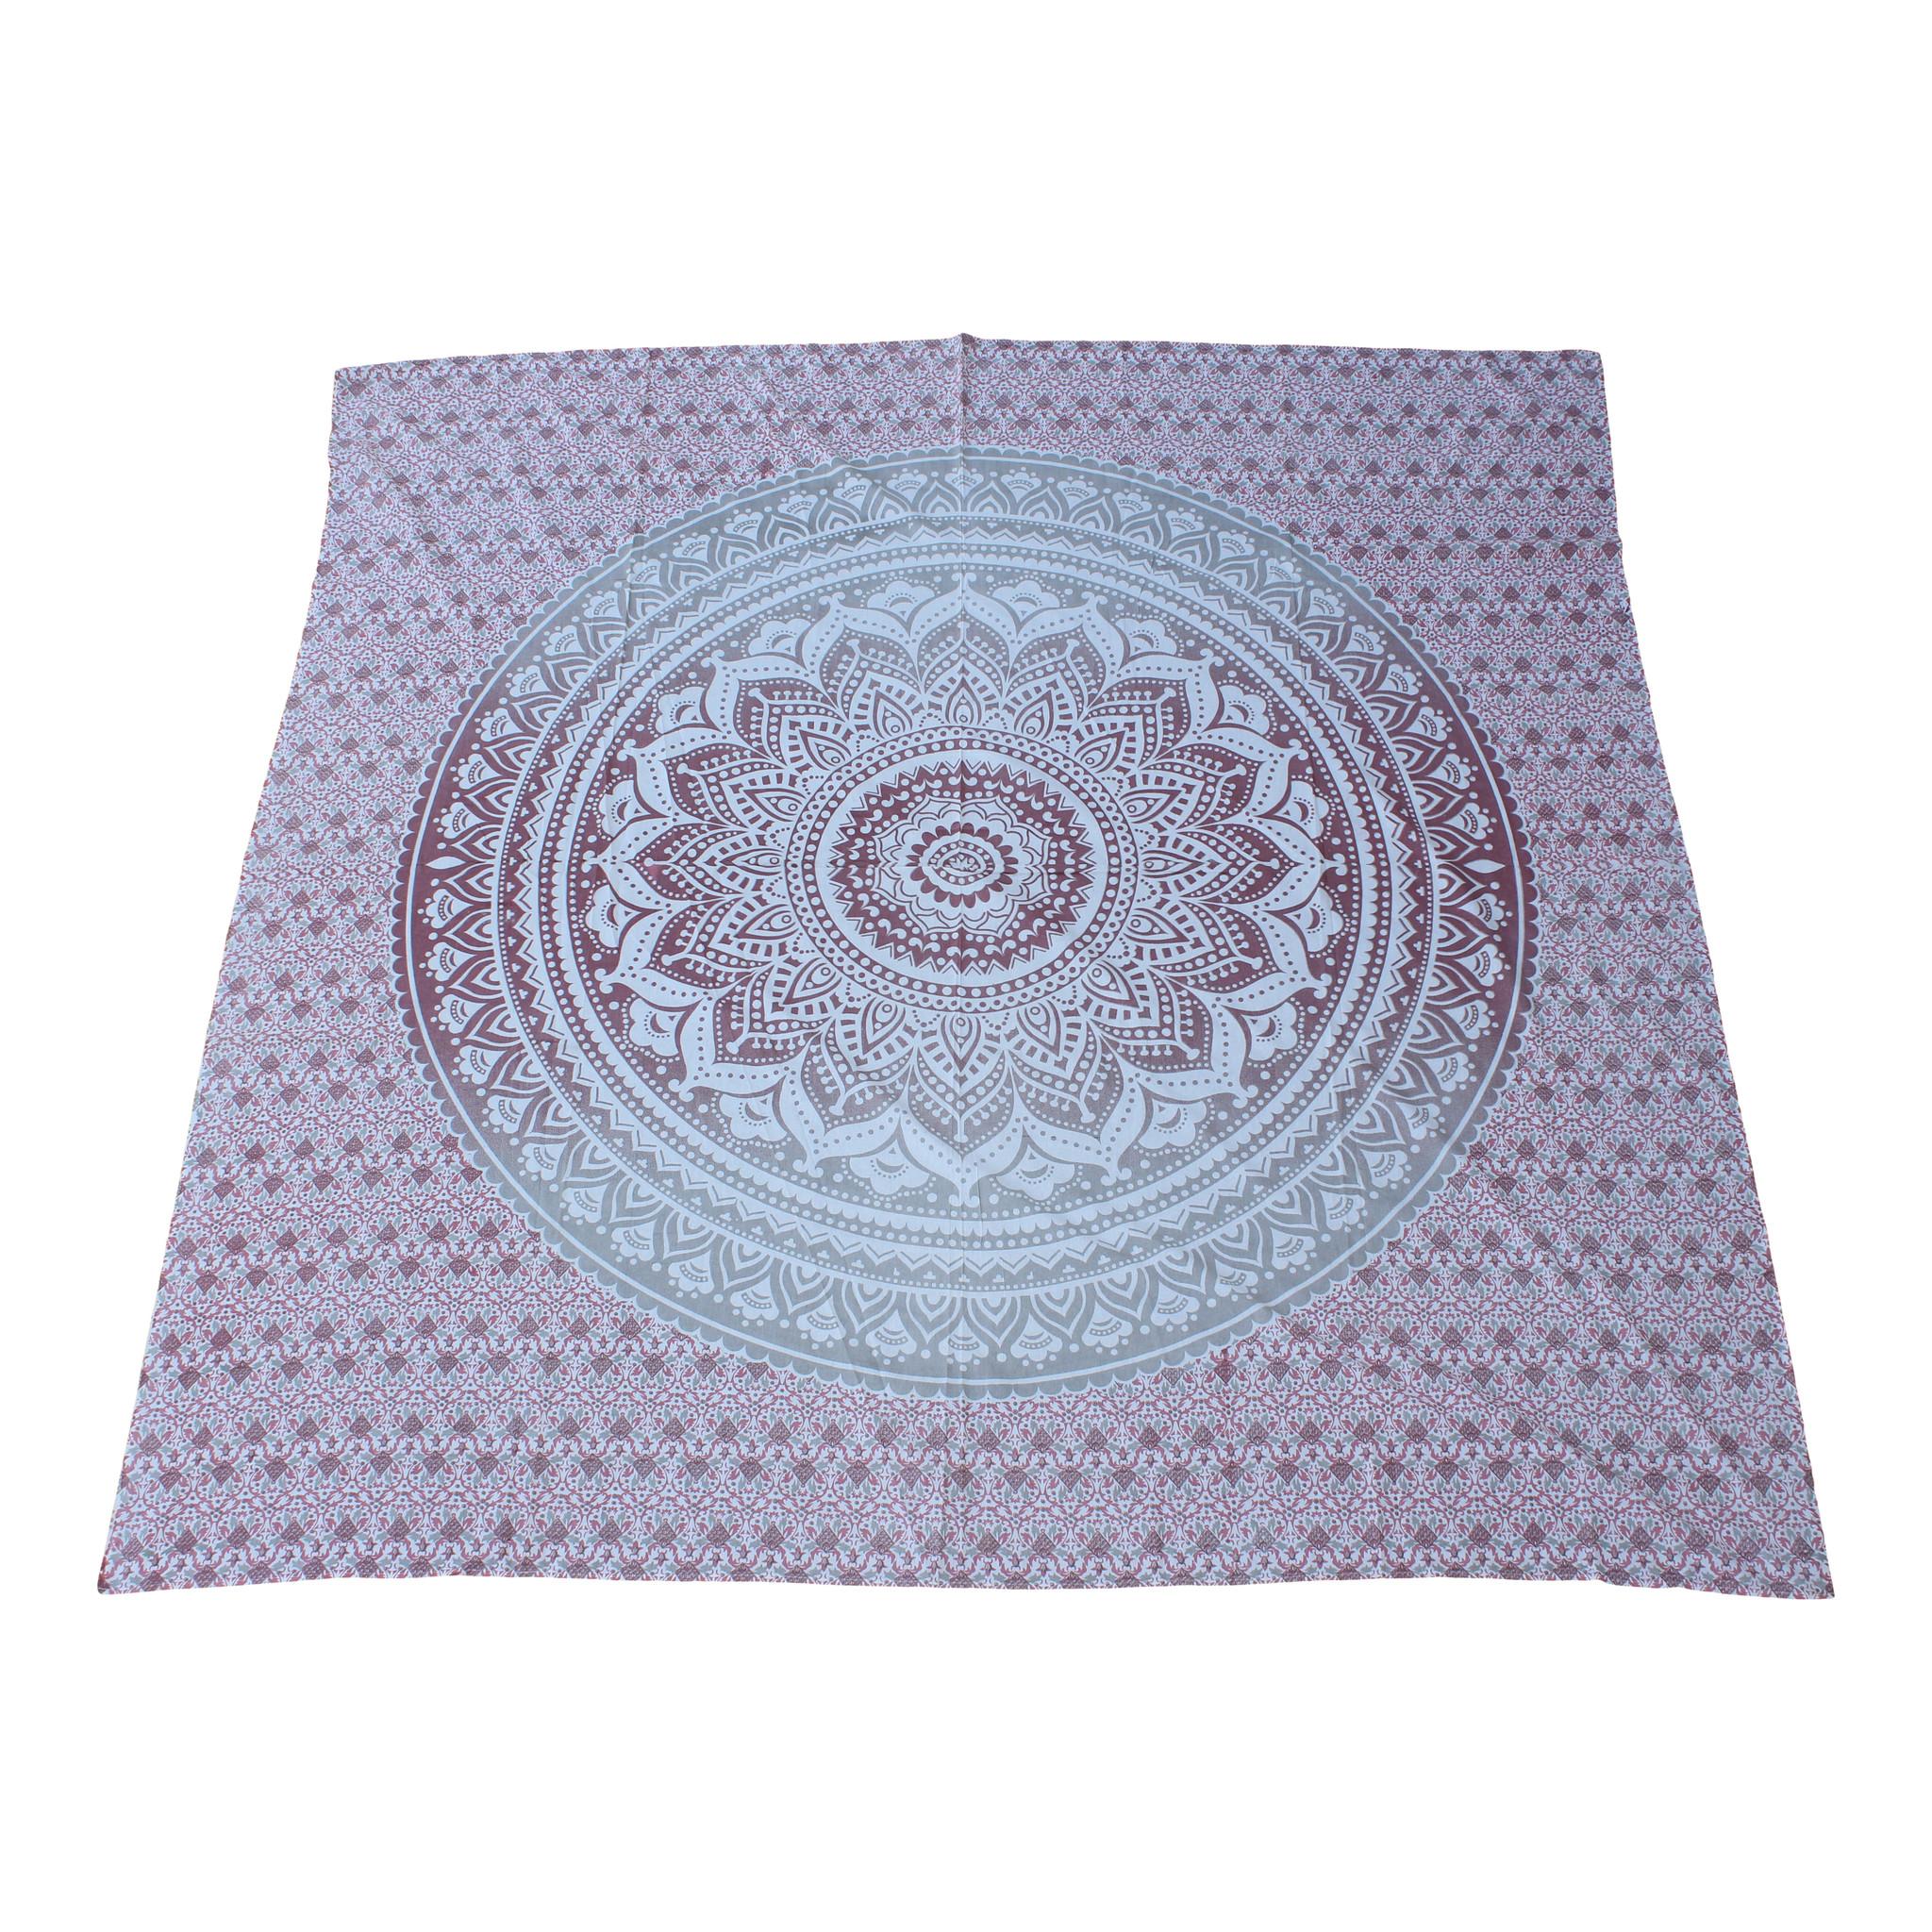 Myroundie Myroundie - roundie - vierkant strandlaken XL – yoga kleed- speelkleed - picknickkleed -100% katoen – Q46